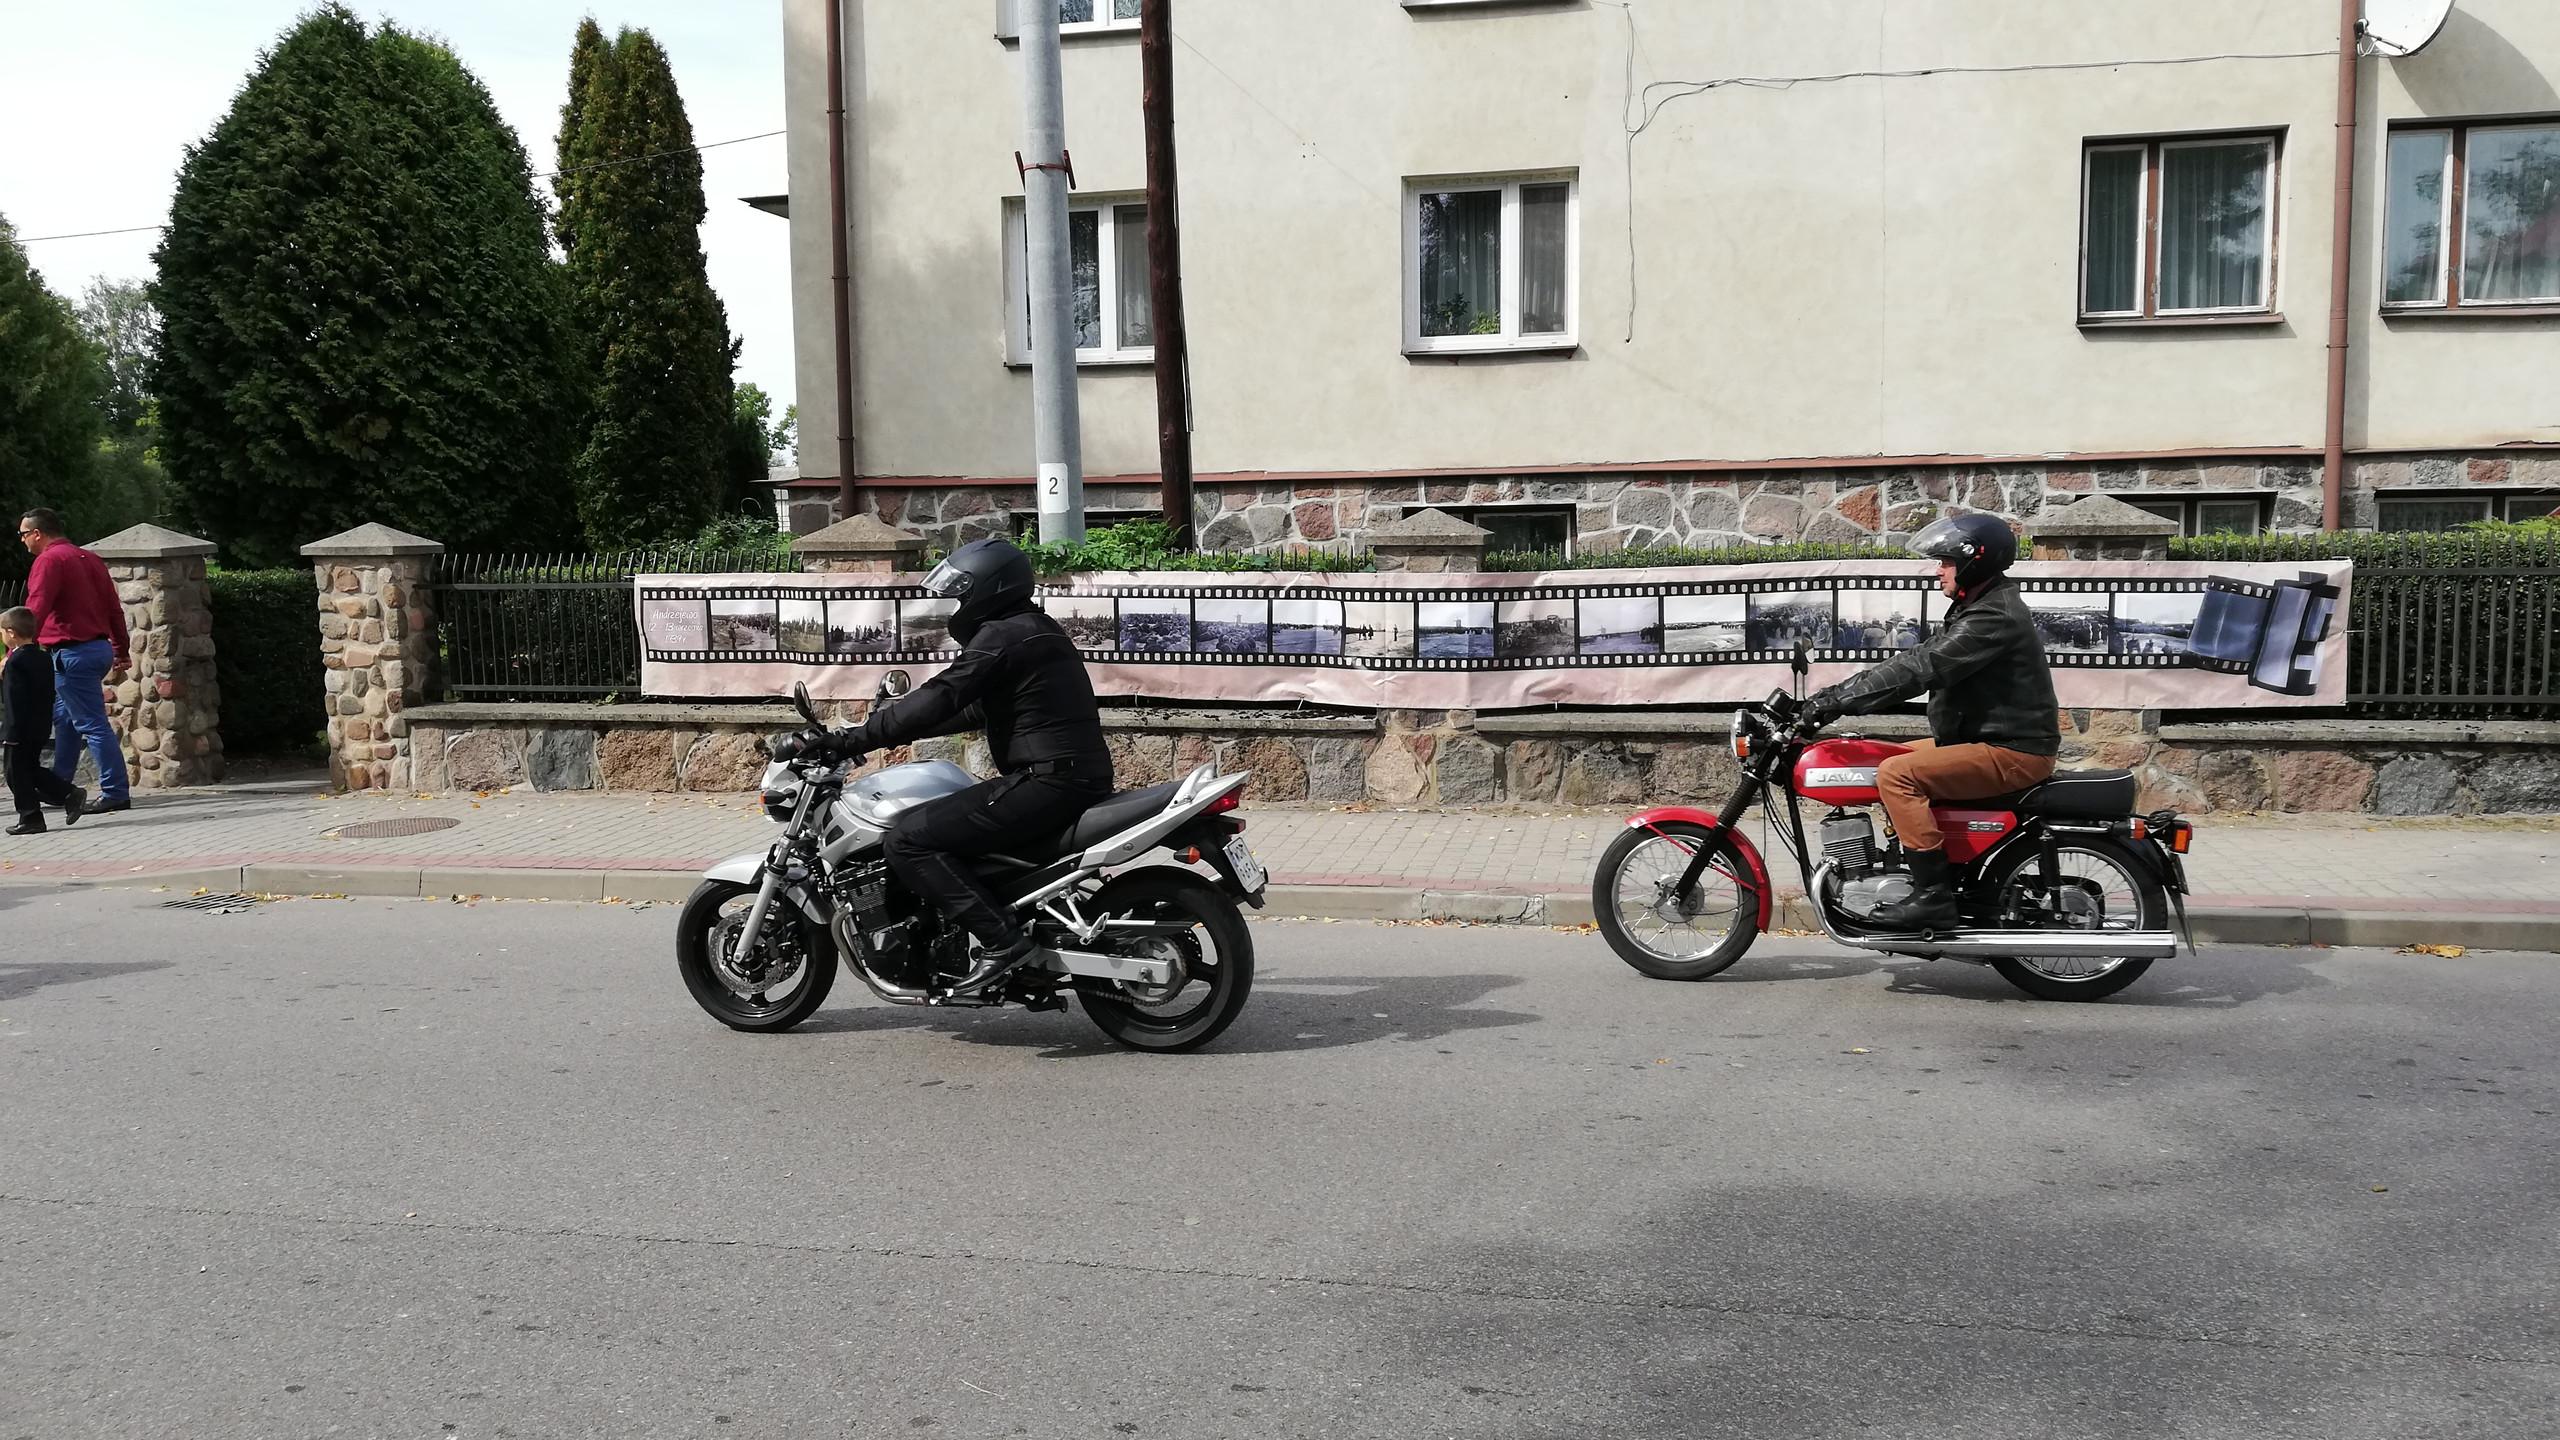 Rajd motocyklowy